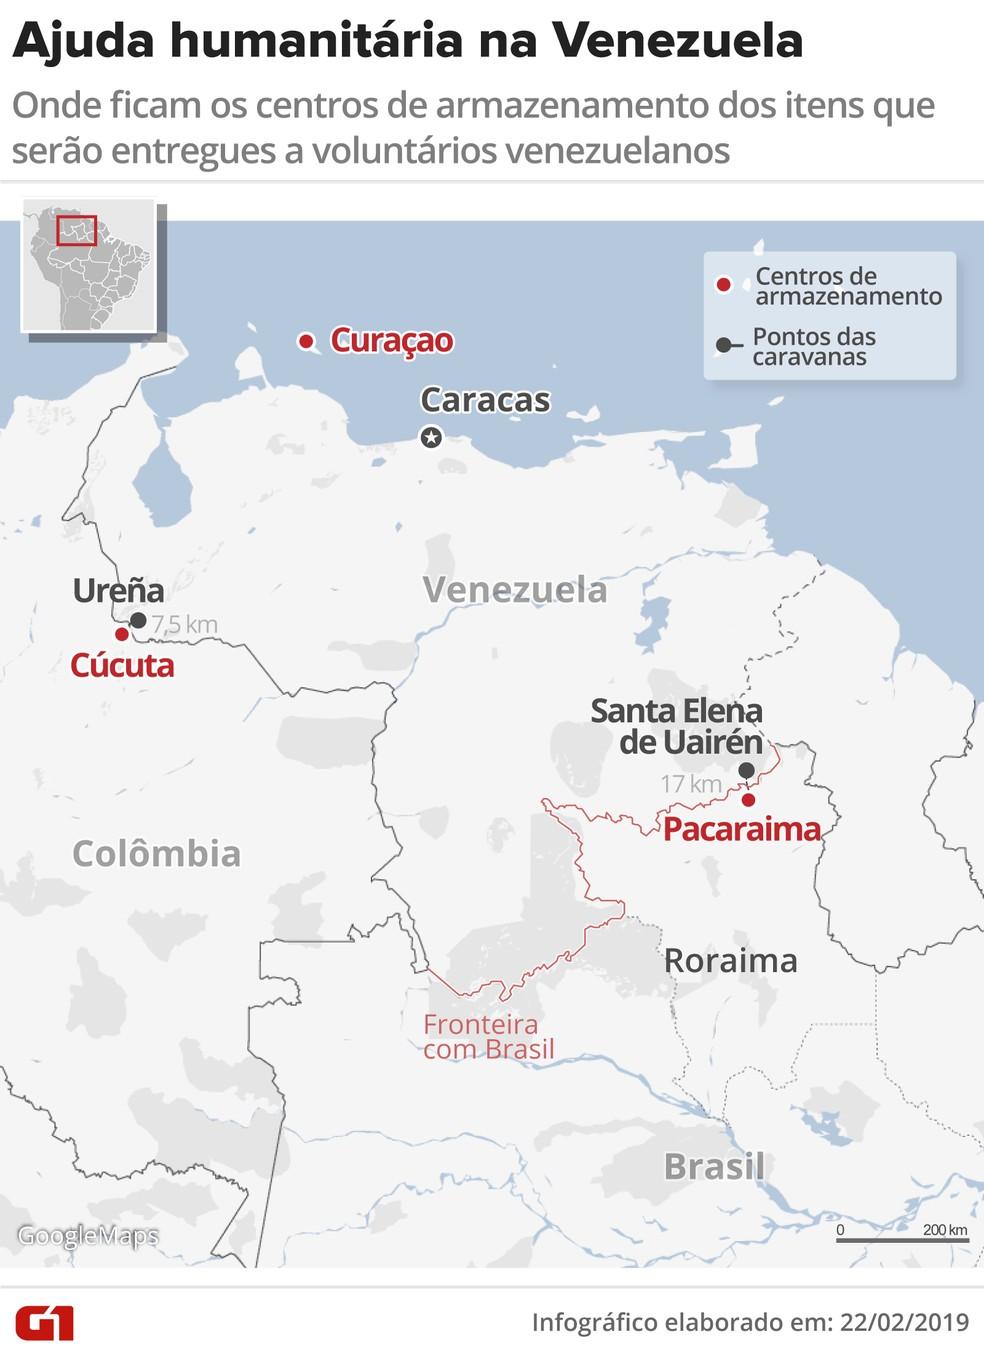 Infográfico sobre ajuda humanitária à Venezuela — Foto: Igor Estrella/G1